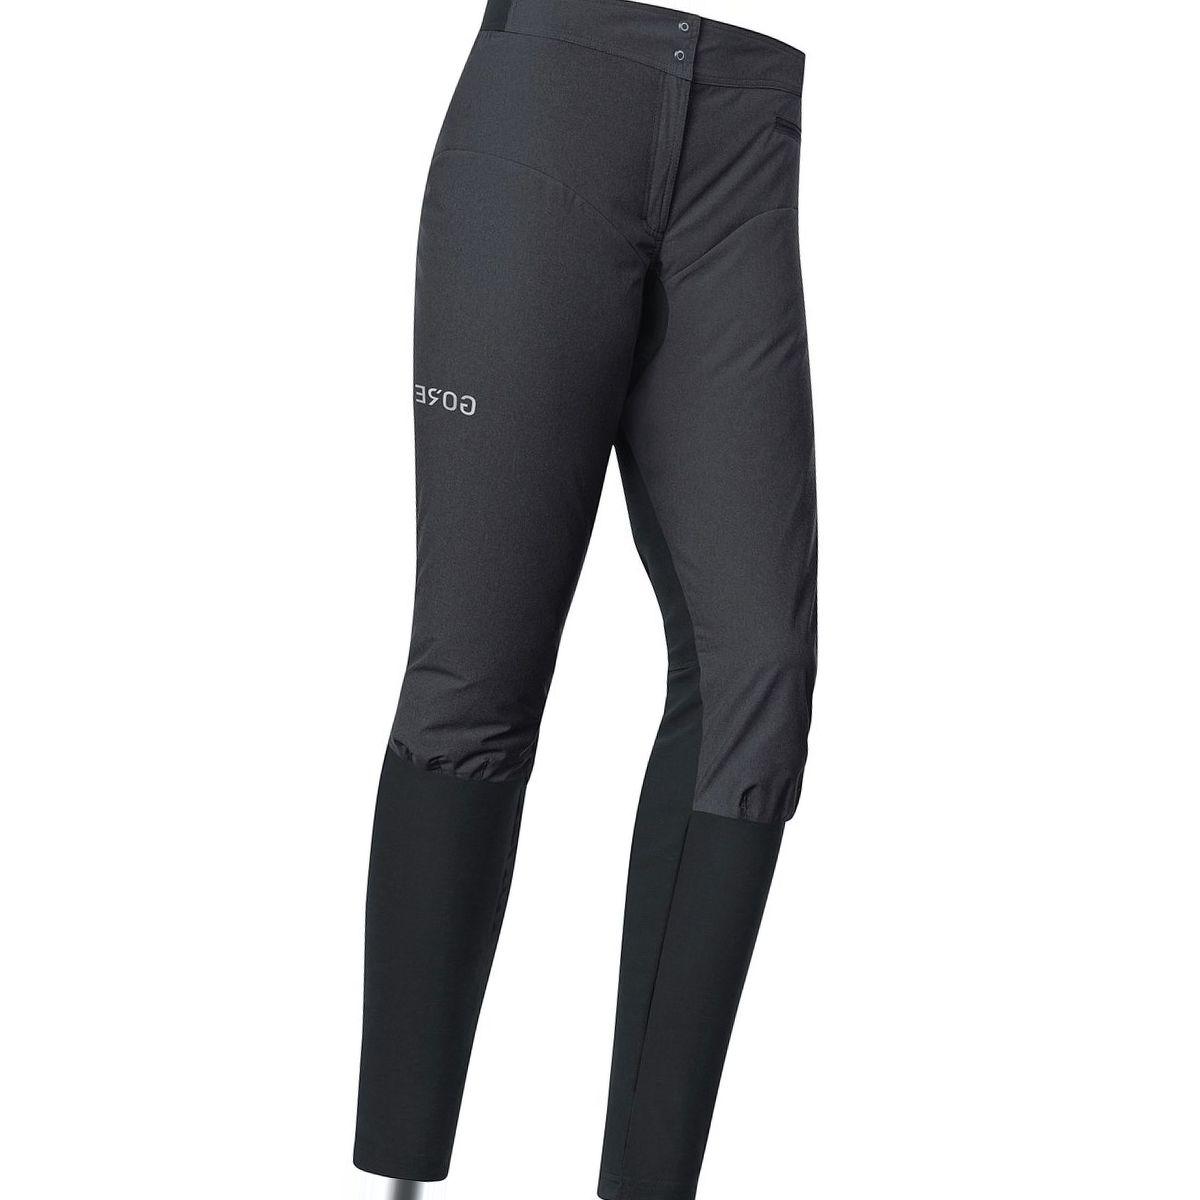 Gore Wear C5 Gore Windstopper Trail Pant - Women's